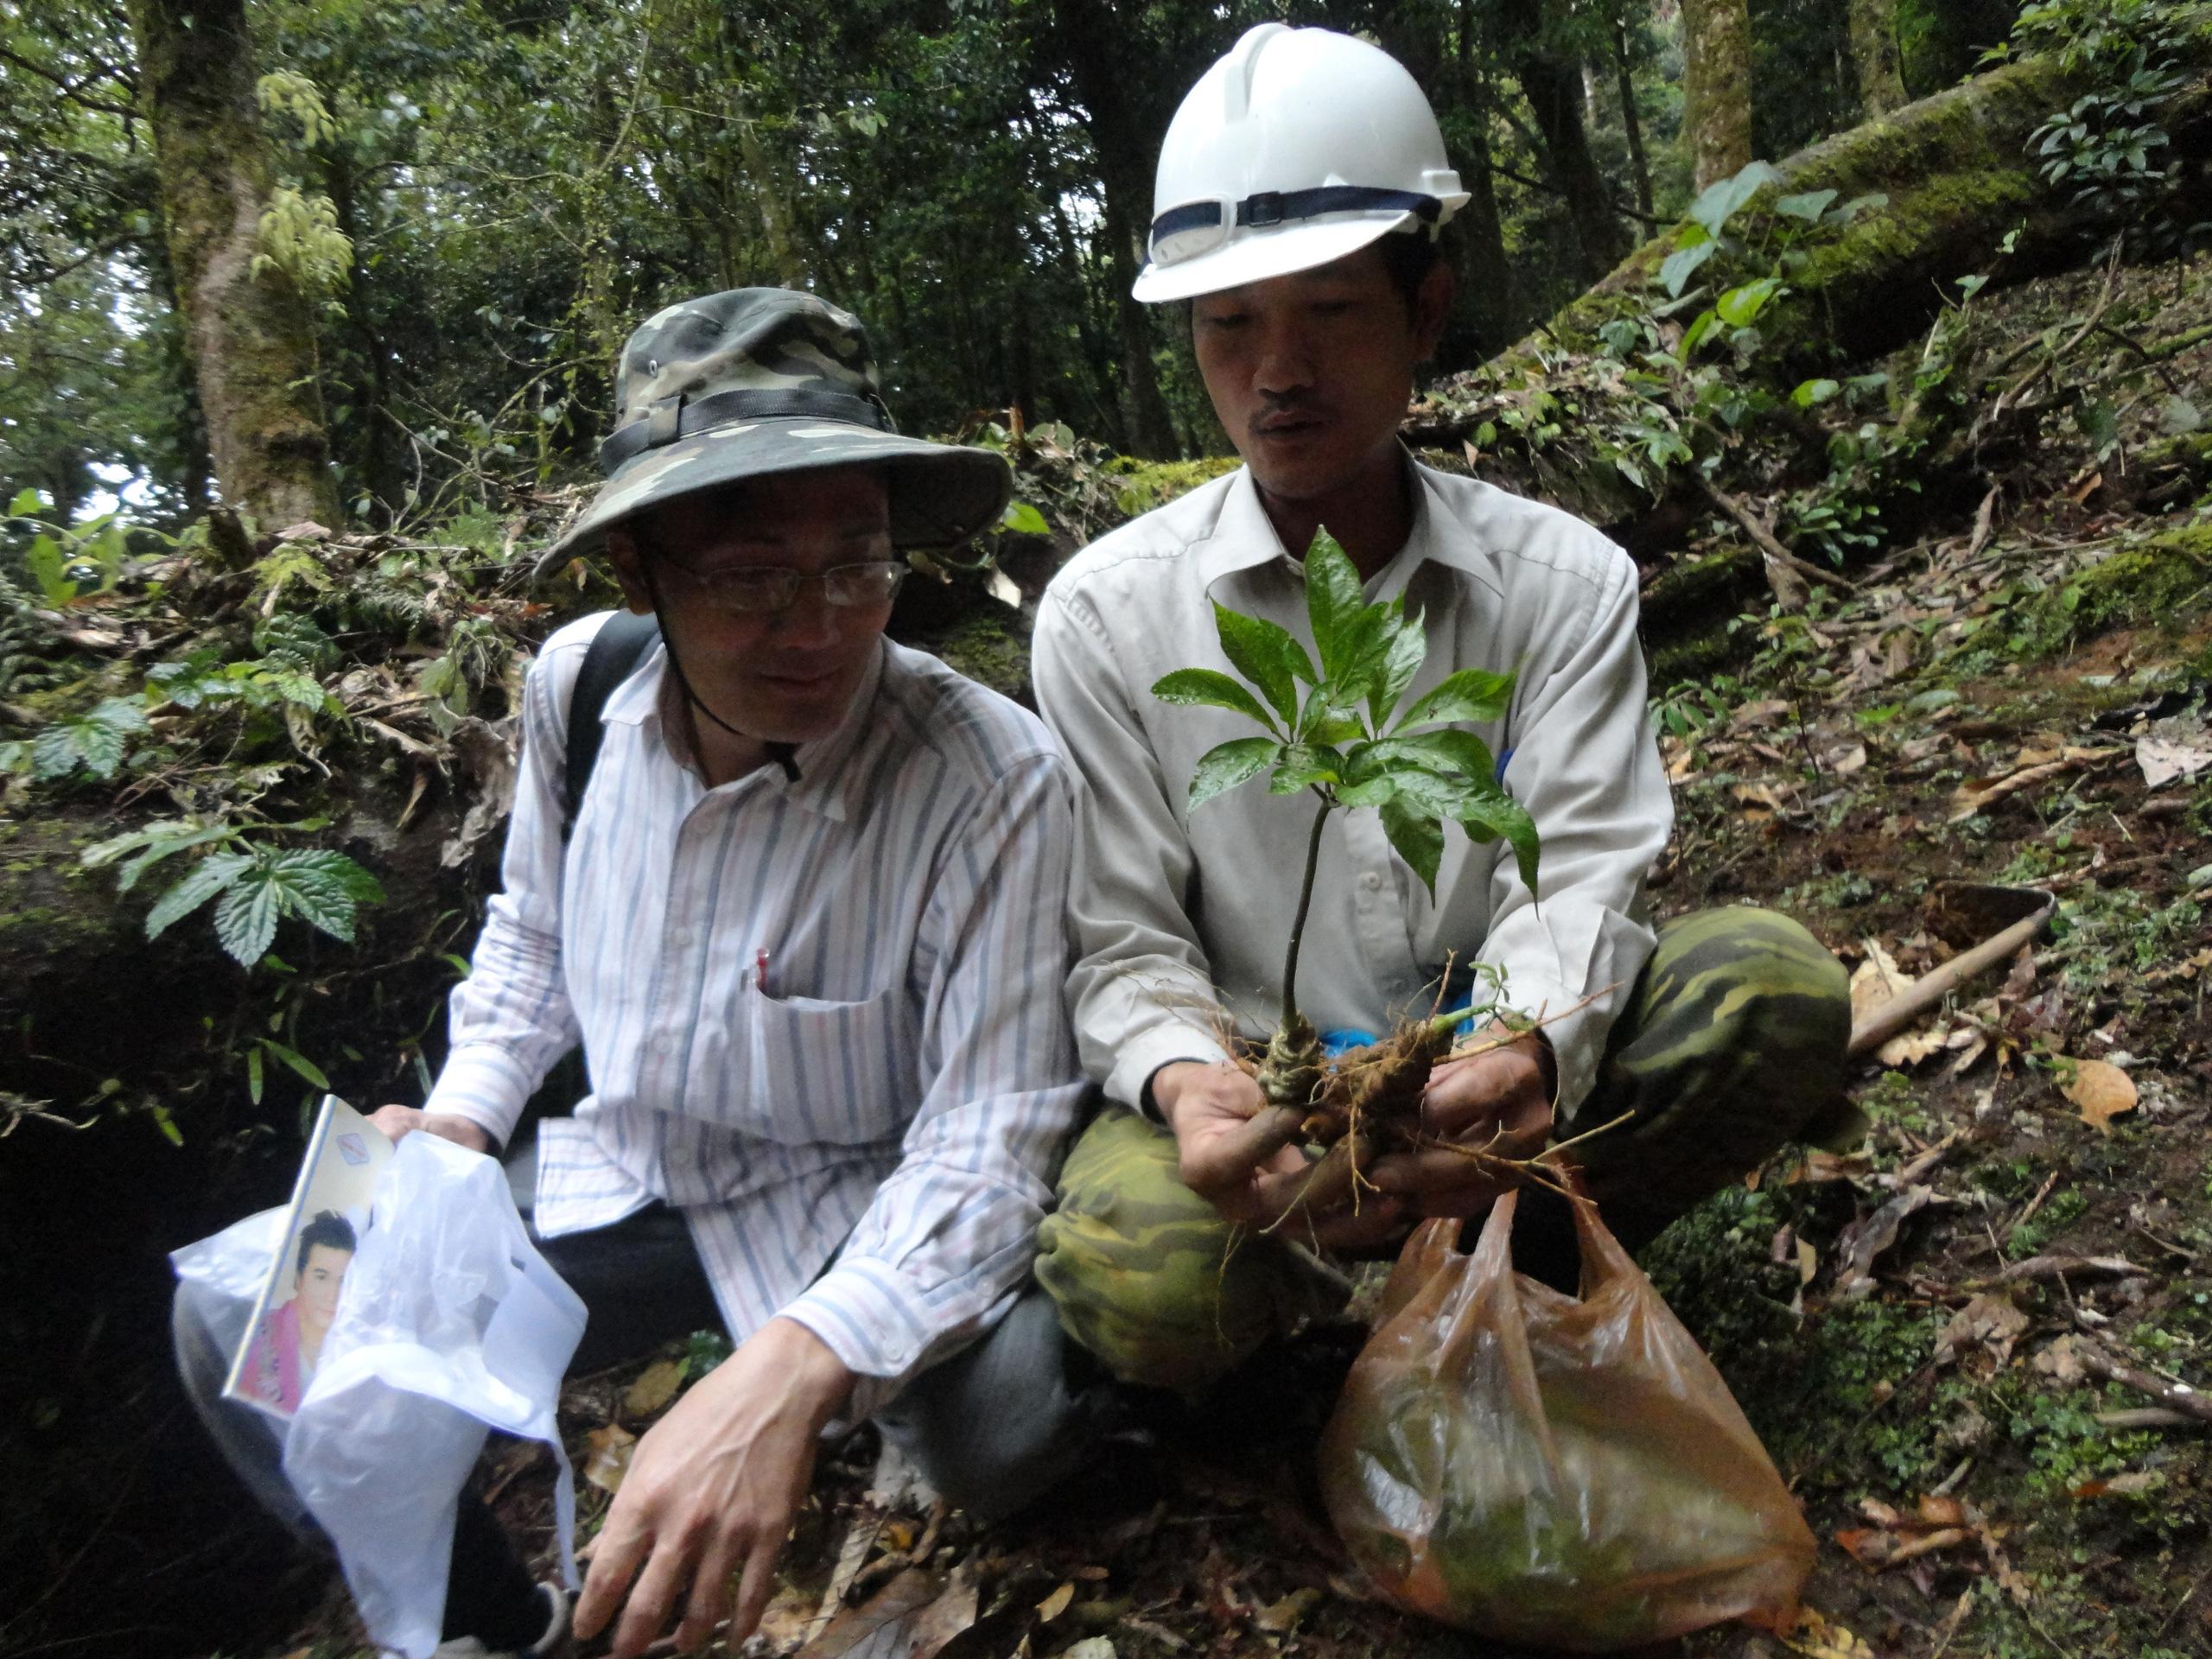 Quảng Nam: Đưa cây sâm hàng đầu Việt Nam giúp người dân mỗi năm thu nhập 3.000 - 4.000 USD - Ảnh 1.